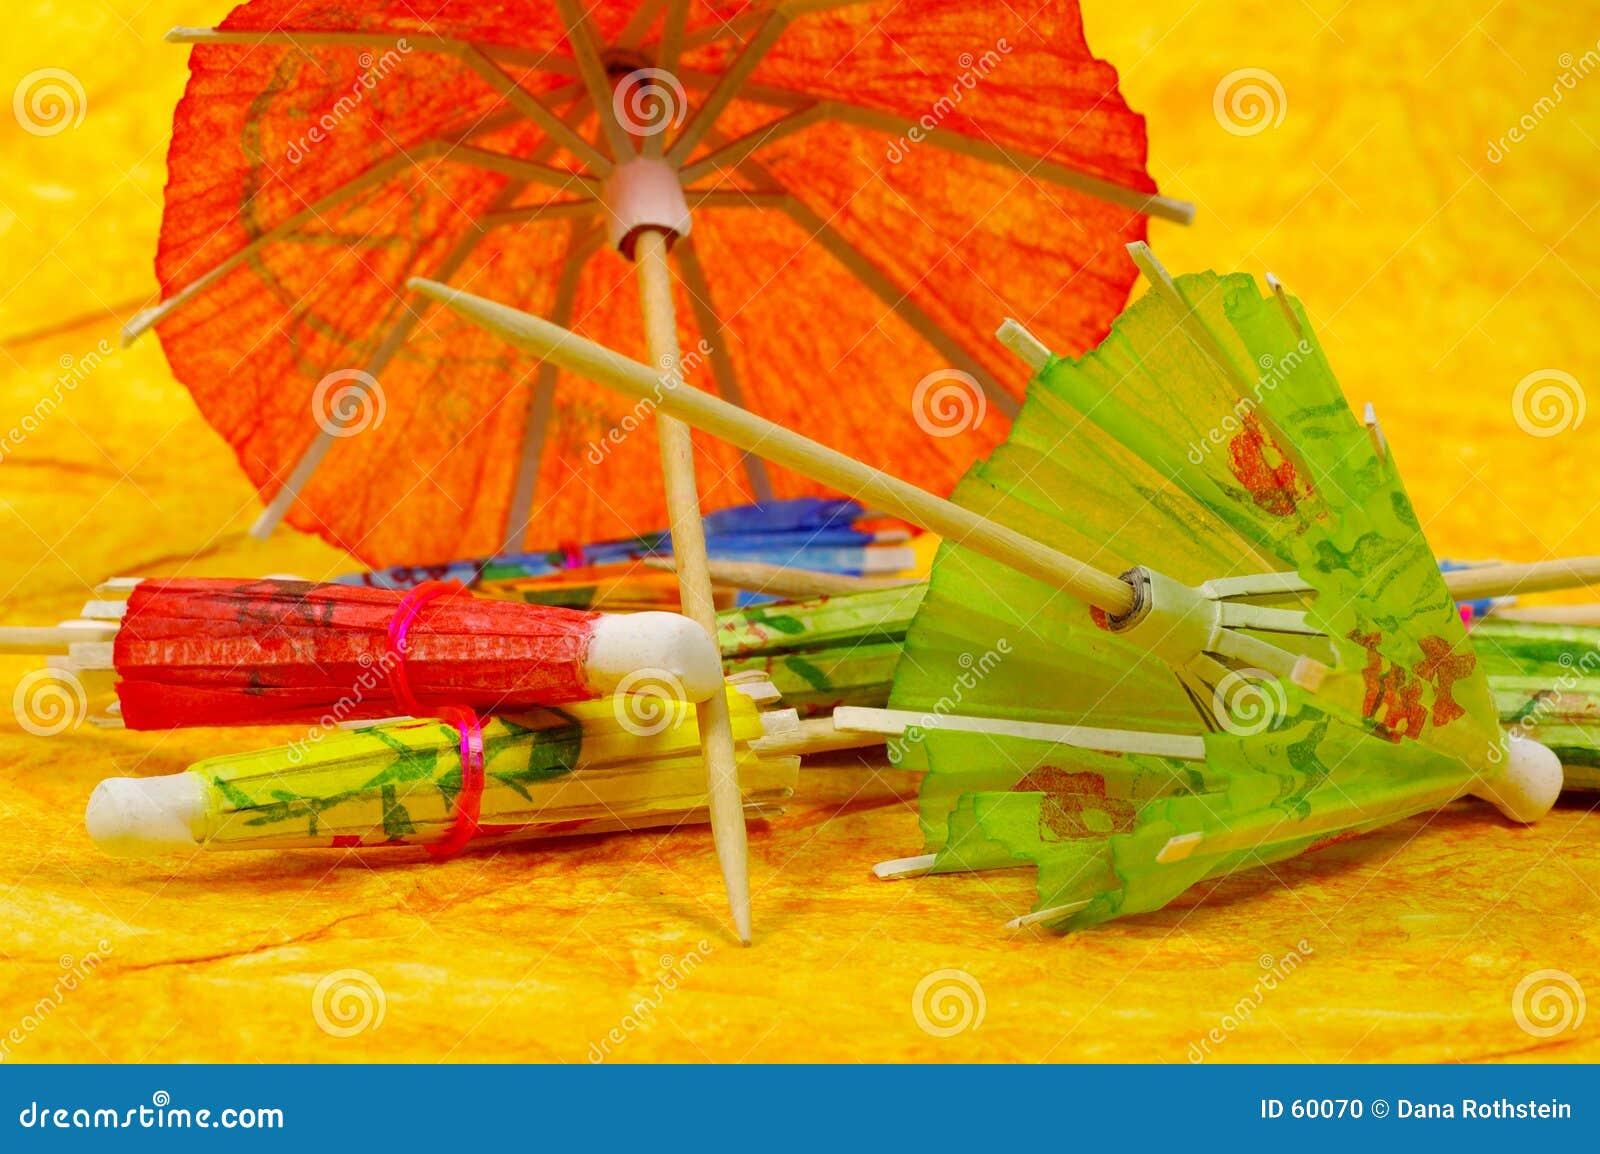 Download Parapluies de cocktail photo stock. Image du couleur, coloré - 60070